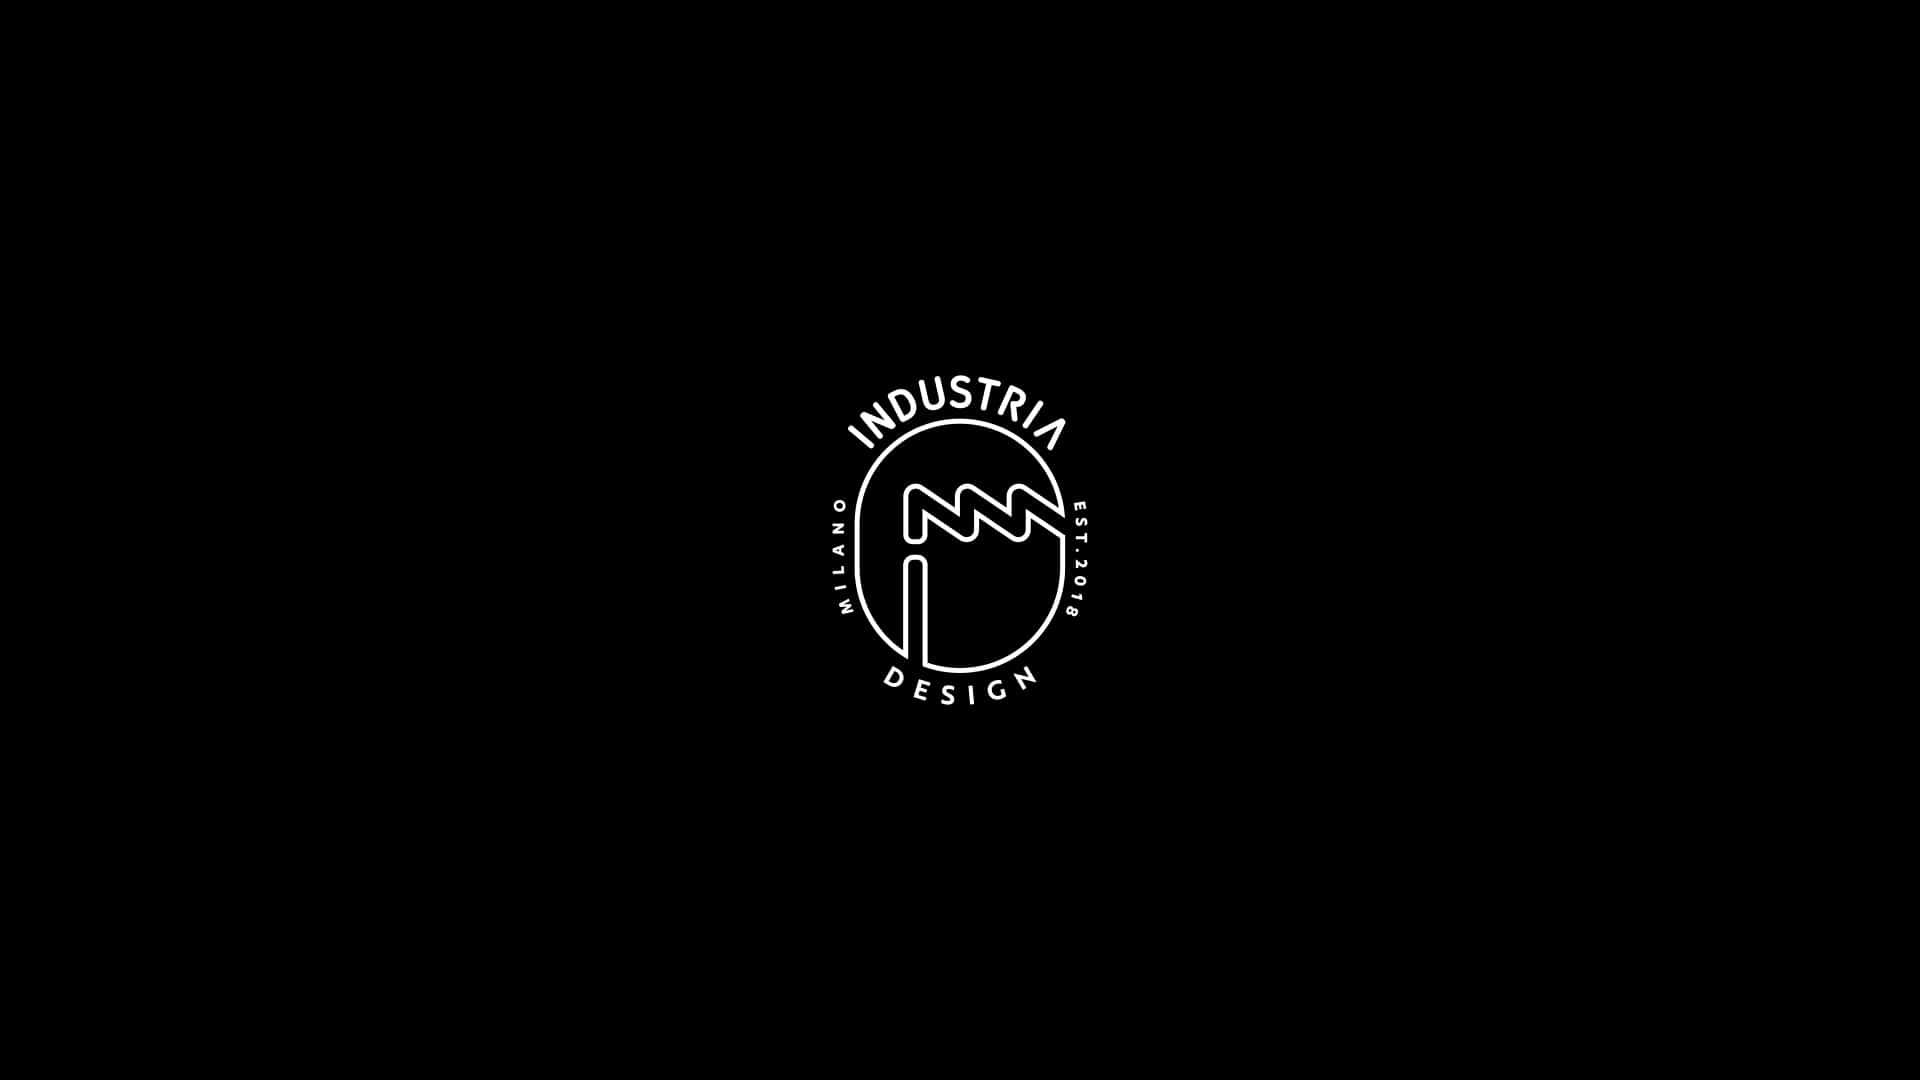 industria design logo stamp 02